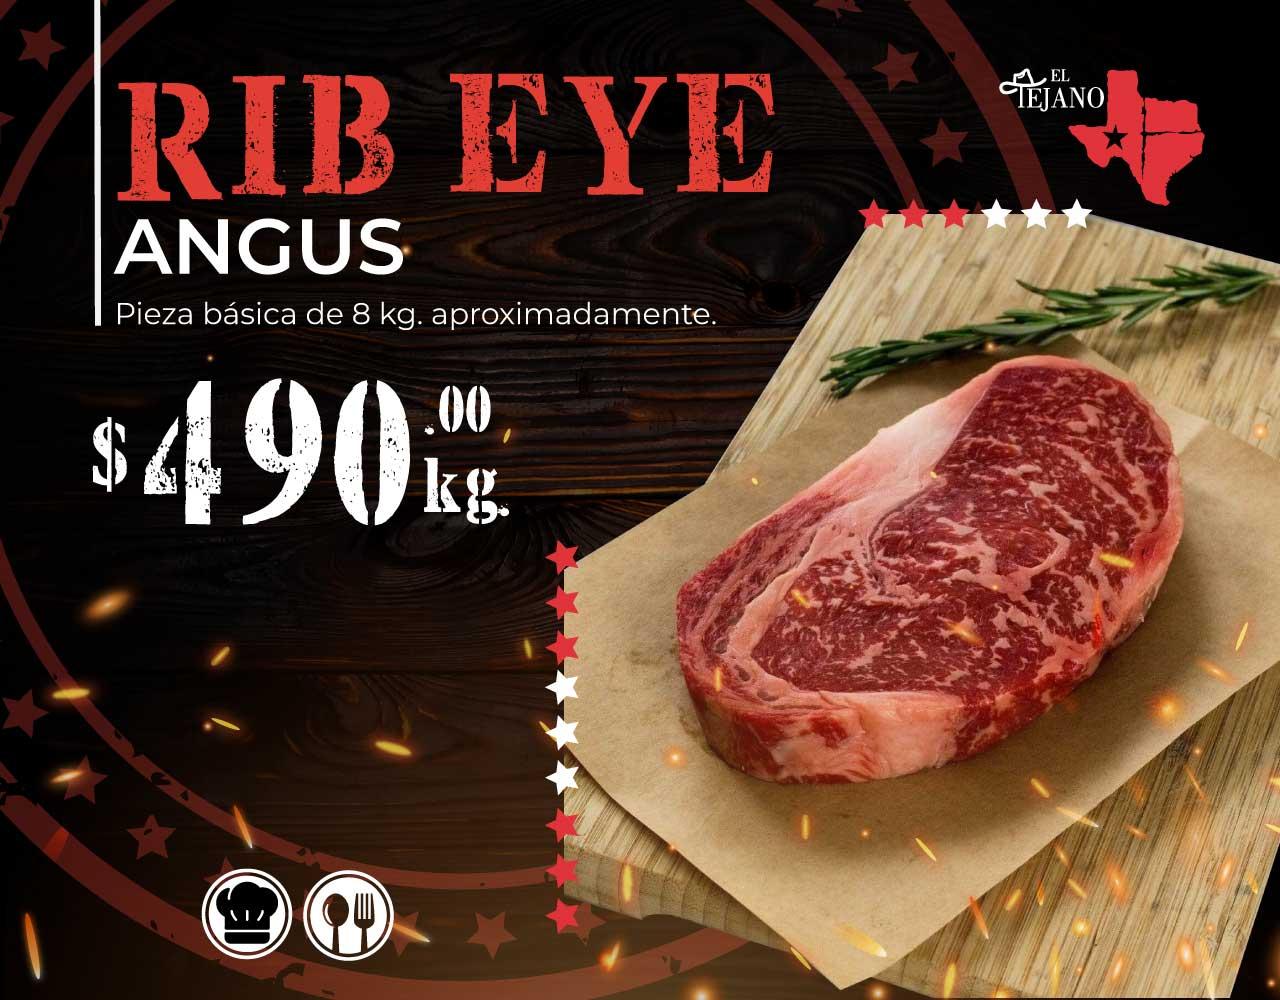 Promoción Rib Eye Angus